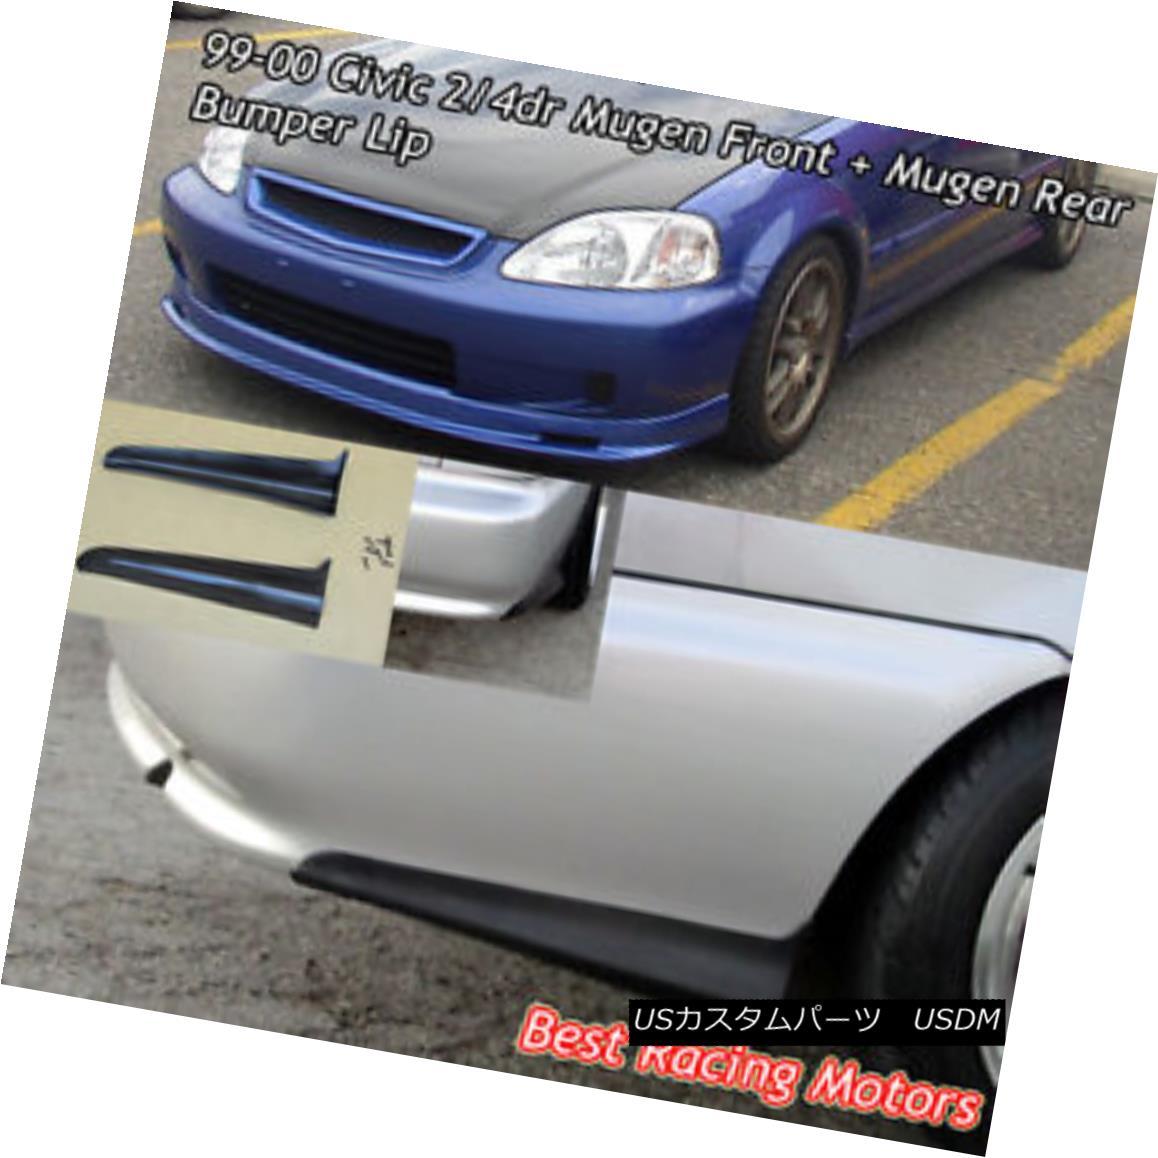 エアロパーツ Mu-gen Style Front (PU) + Mu-gen Style Rear Aprons (PU) Fit 99-00 Civic 4dr Mu-genスタイルフロント(PU)+ Mu-genスタイルリアアプロン(PU)Fit 99-00 Civic 4dr